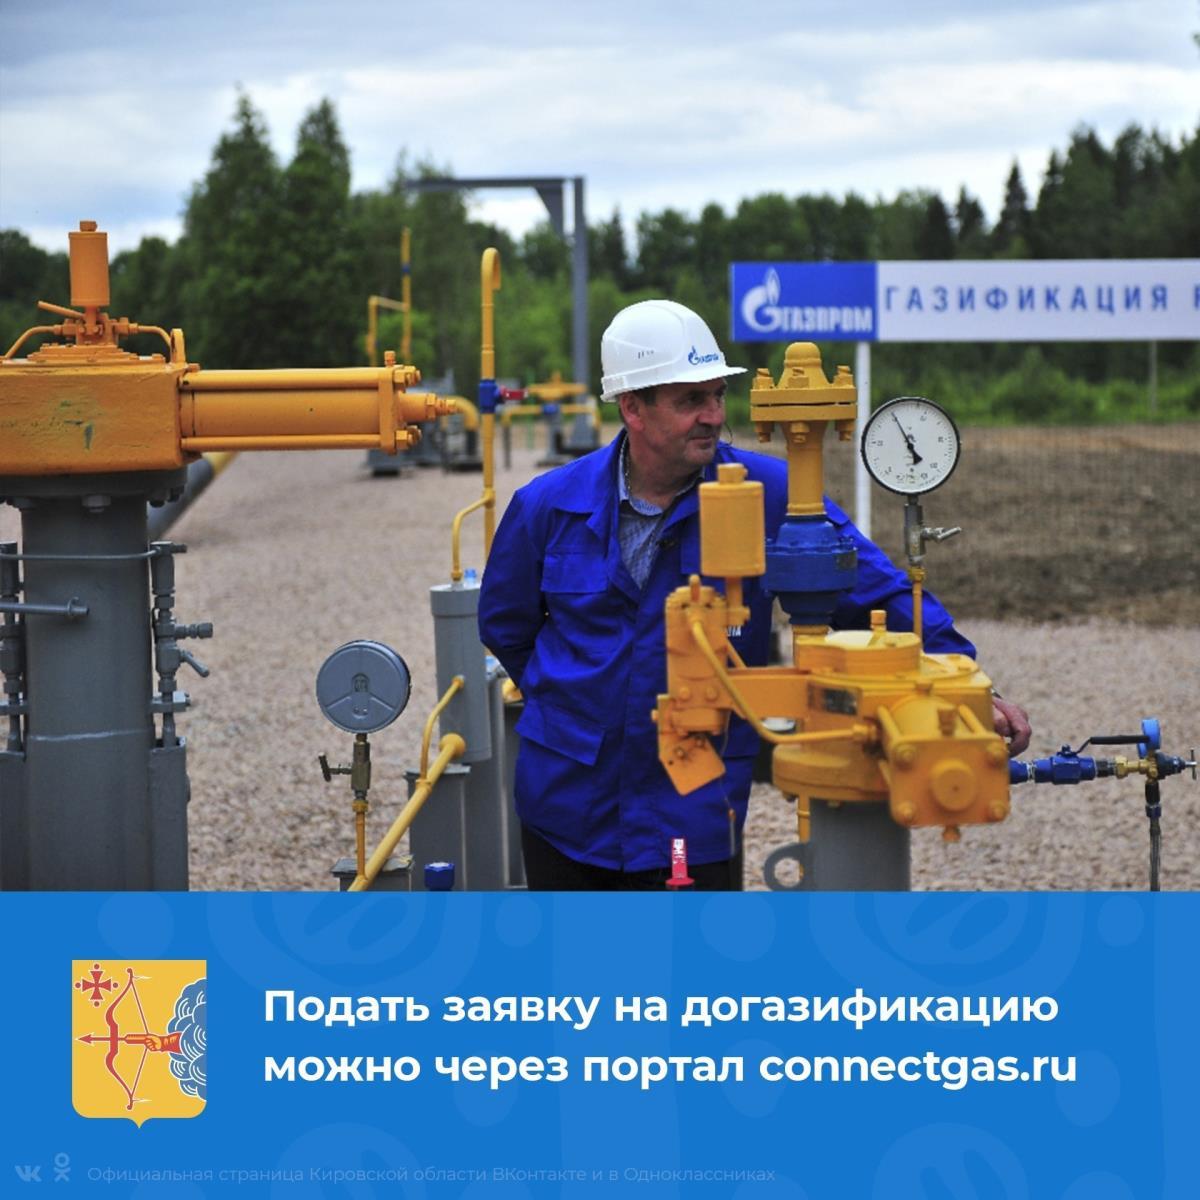 Газопровод будет доведен до границы участка бесплатно